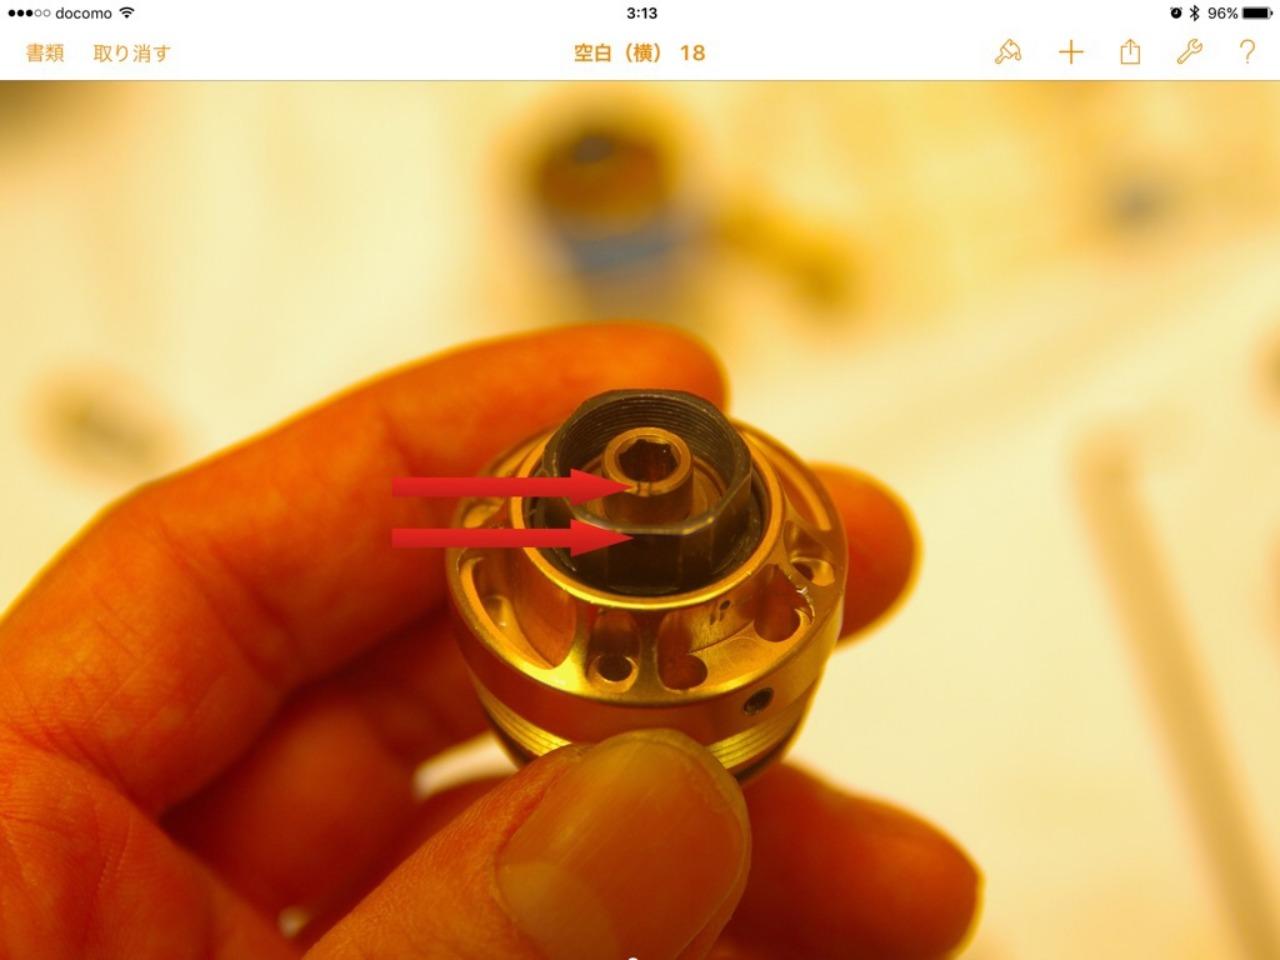 【DB7】リアダンパーアジャスター構造、組立、考察_e0159646_35146100.jpg